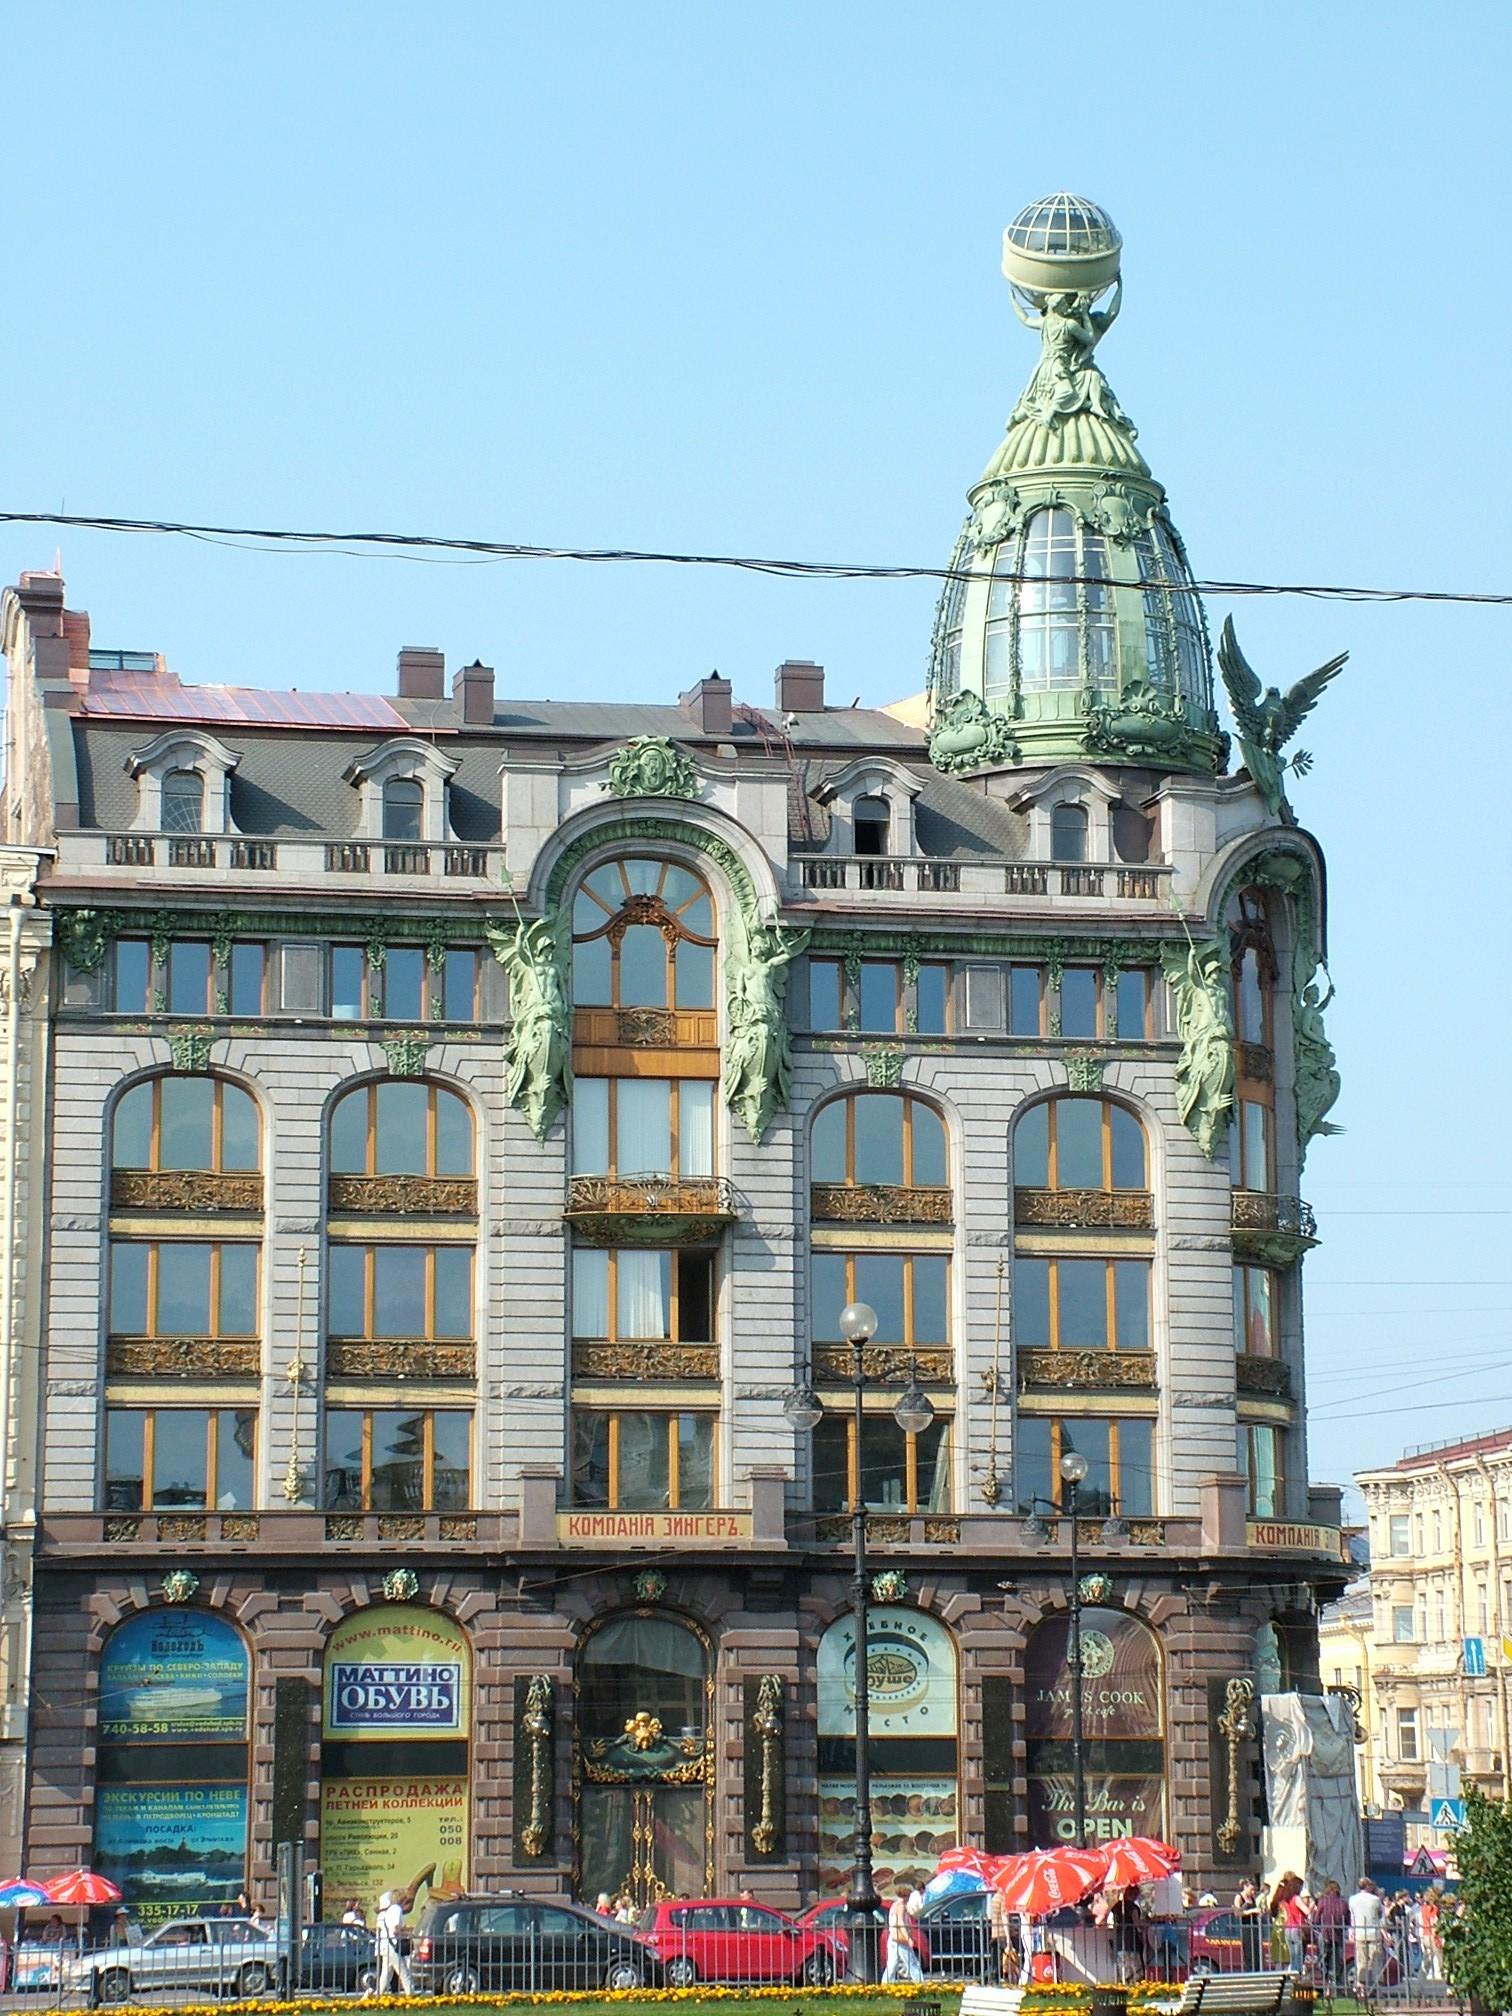 архитектор павел юльевич сюзор если подумали решили: